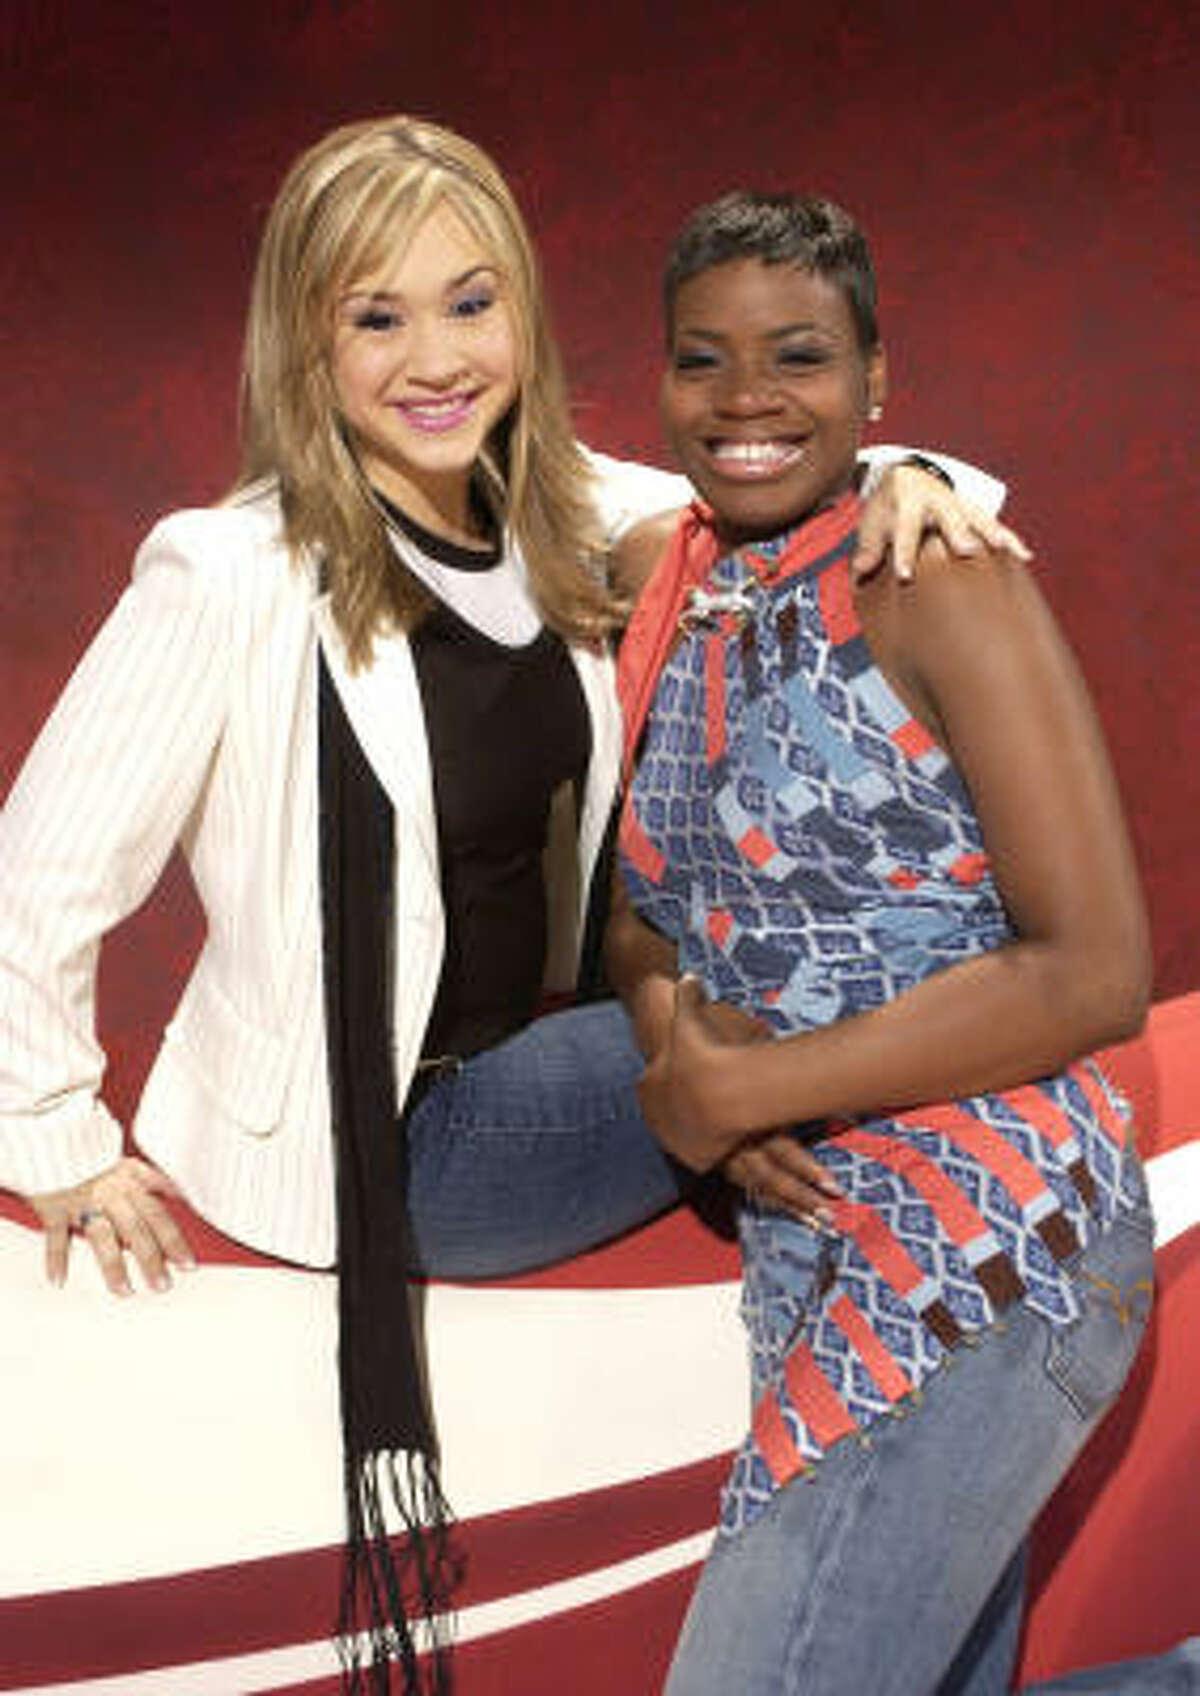 No. 5 Fantasia She beat Diana DeGarmo to win season 3.